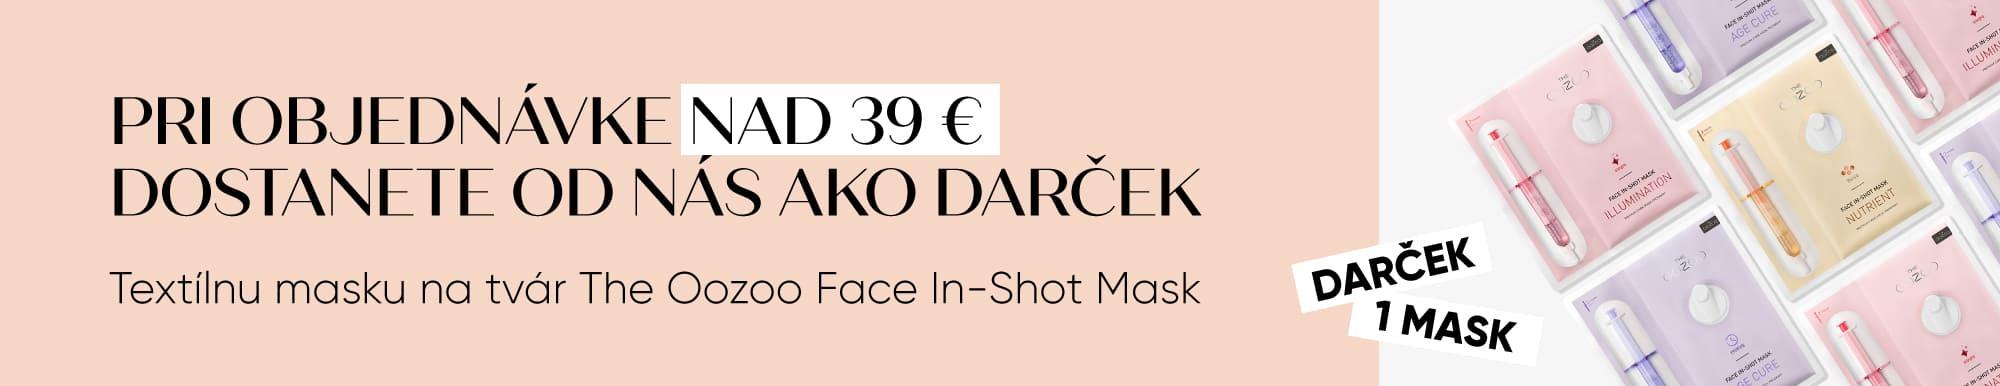 Pri objednávke nad 39 € dostanete od nás ako darček Тextílna maska na tvár The Oozoo